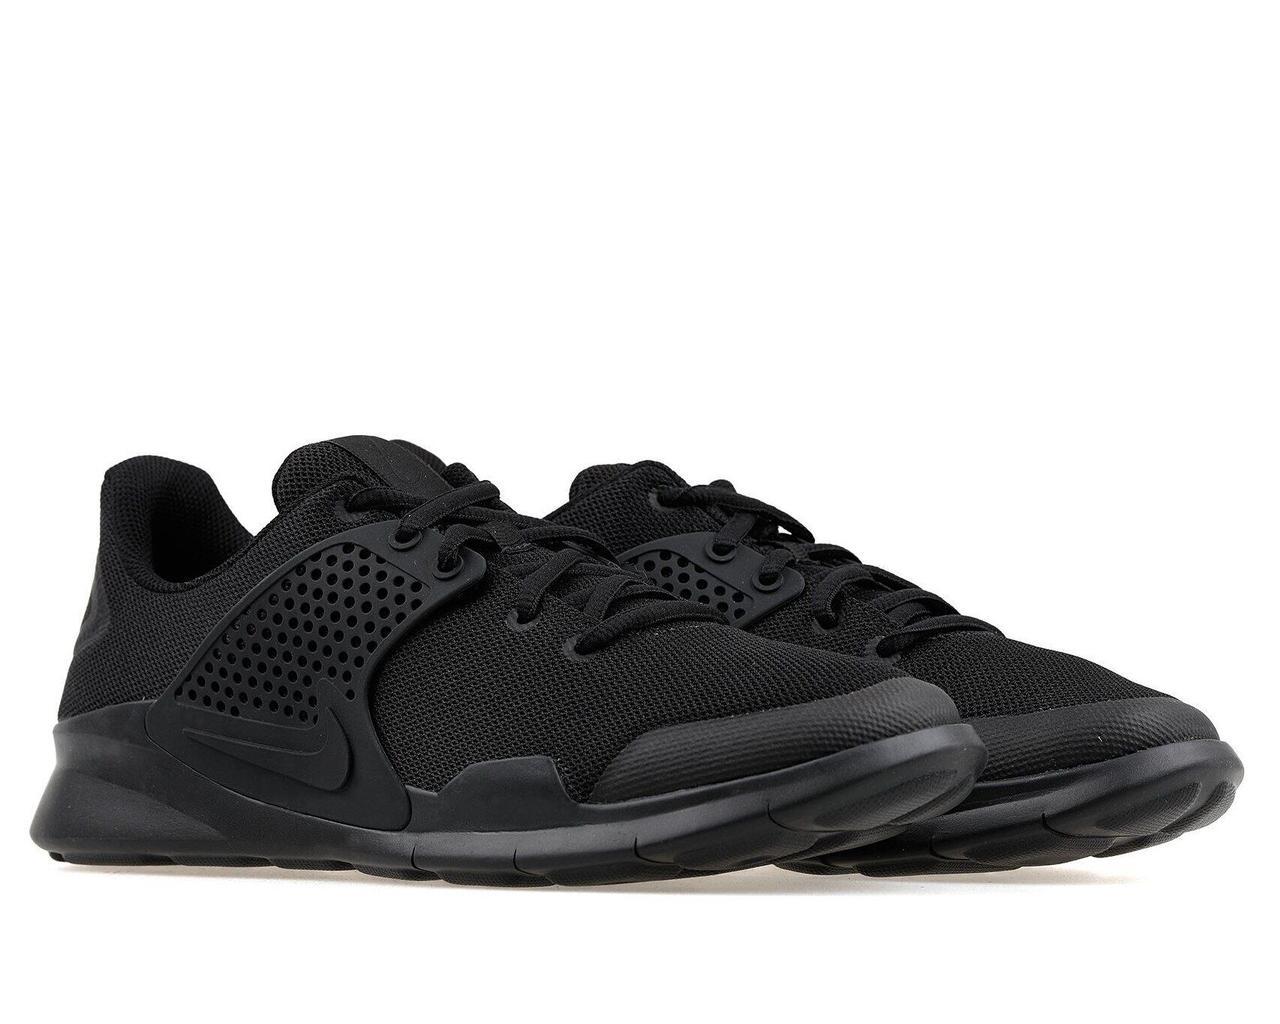 Nike Arrowz оригінальні чорні кросівки з дихаючим верхи чоловіче взуття великих розмірів 902813-003